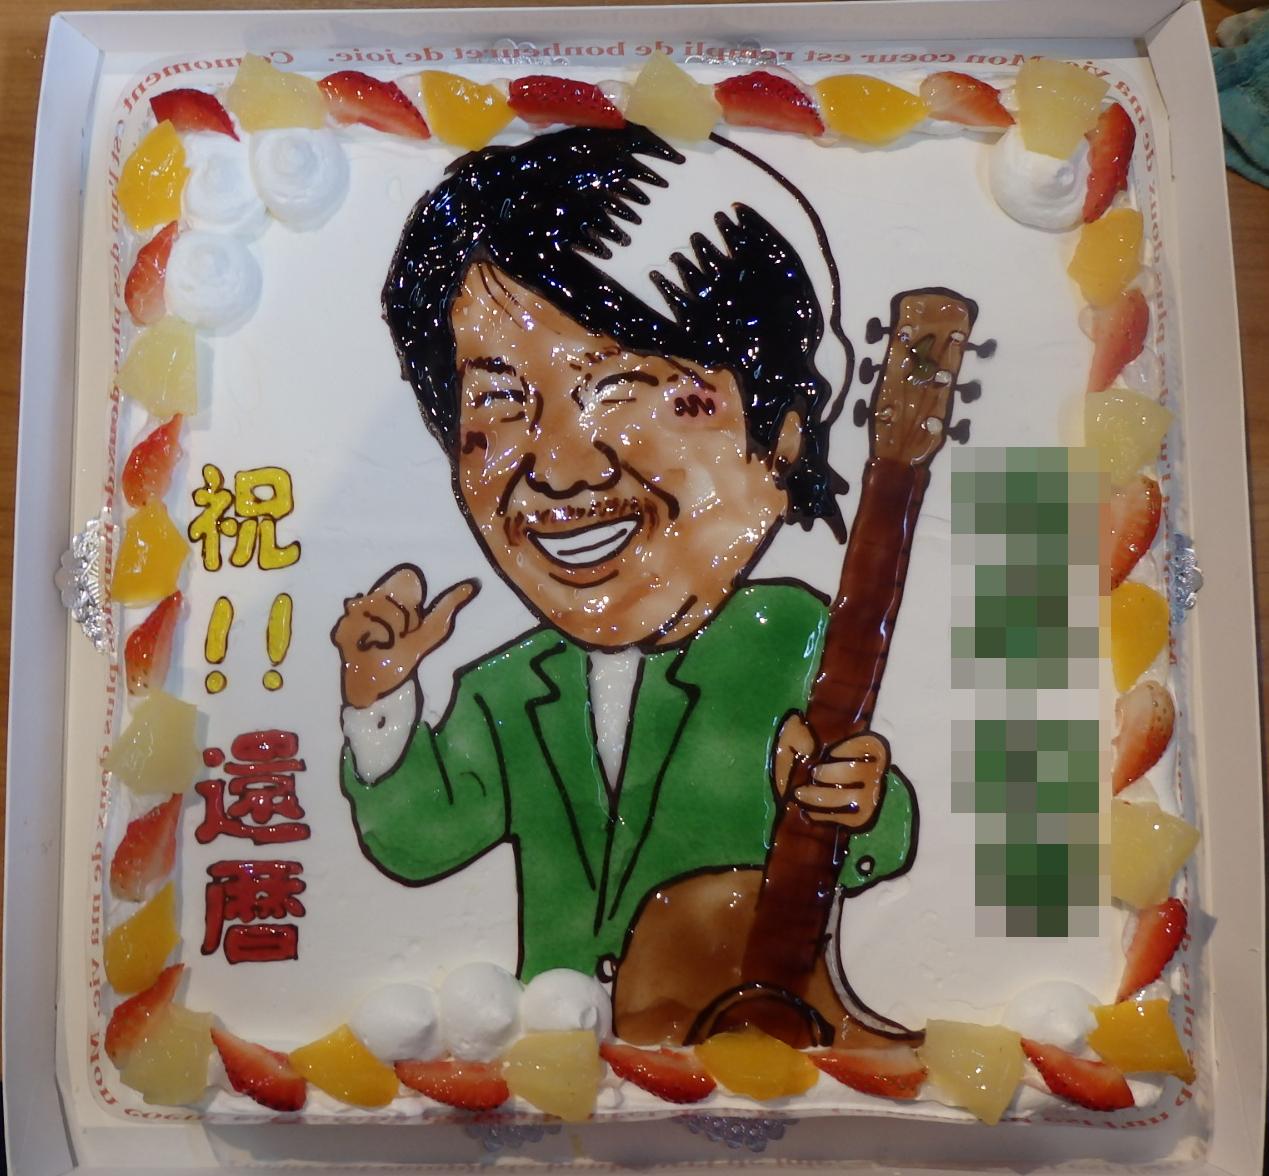 【送料無料】似顔絵ケーキ 9号 四角の画像3枚目